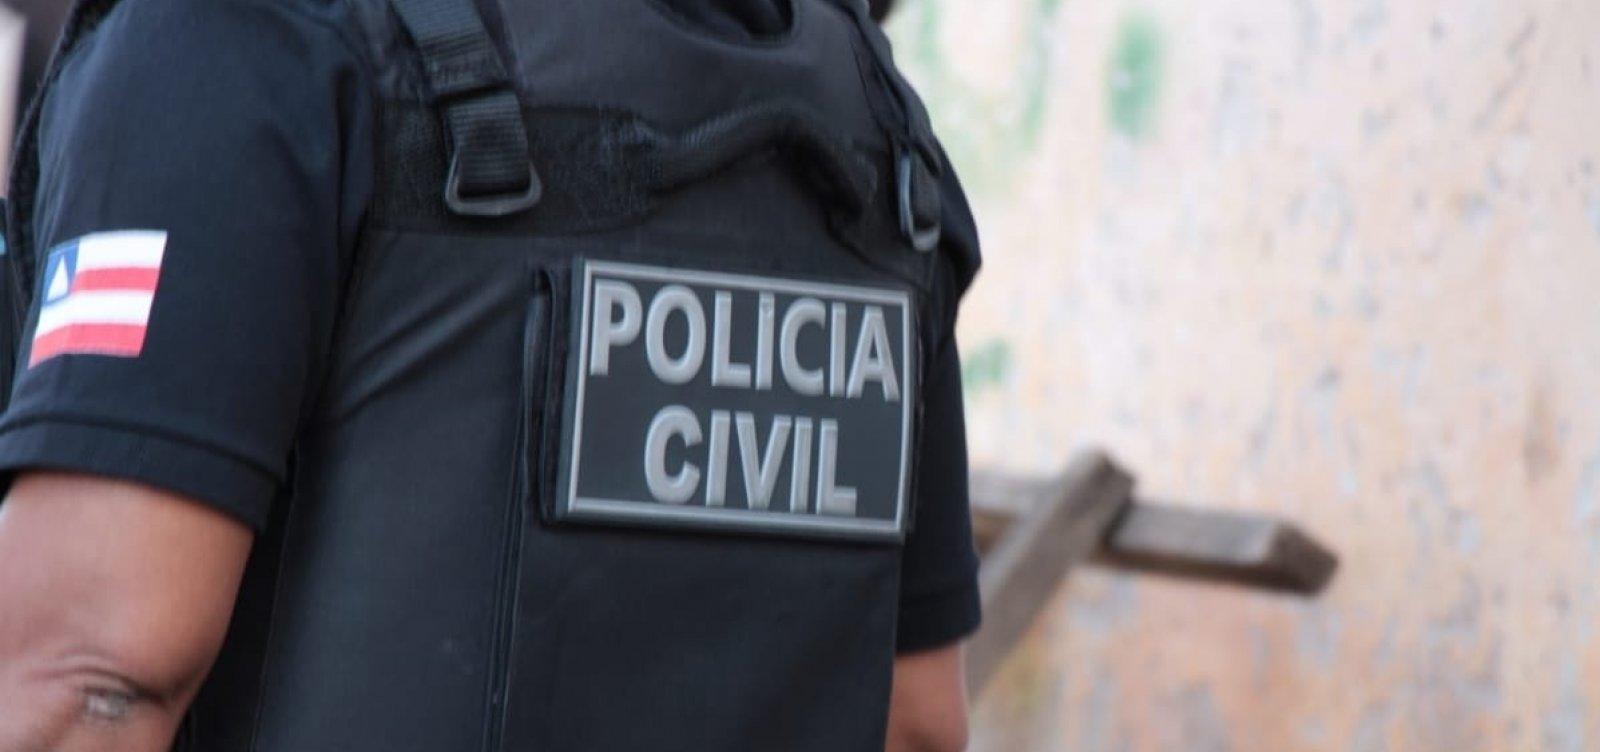 Polícia recupera R$ 100 mil em fraudes no interior da Bahia